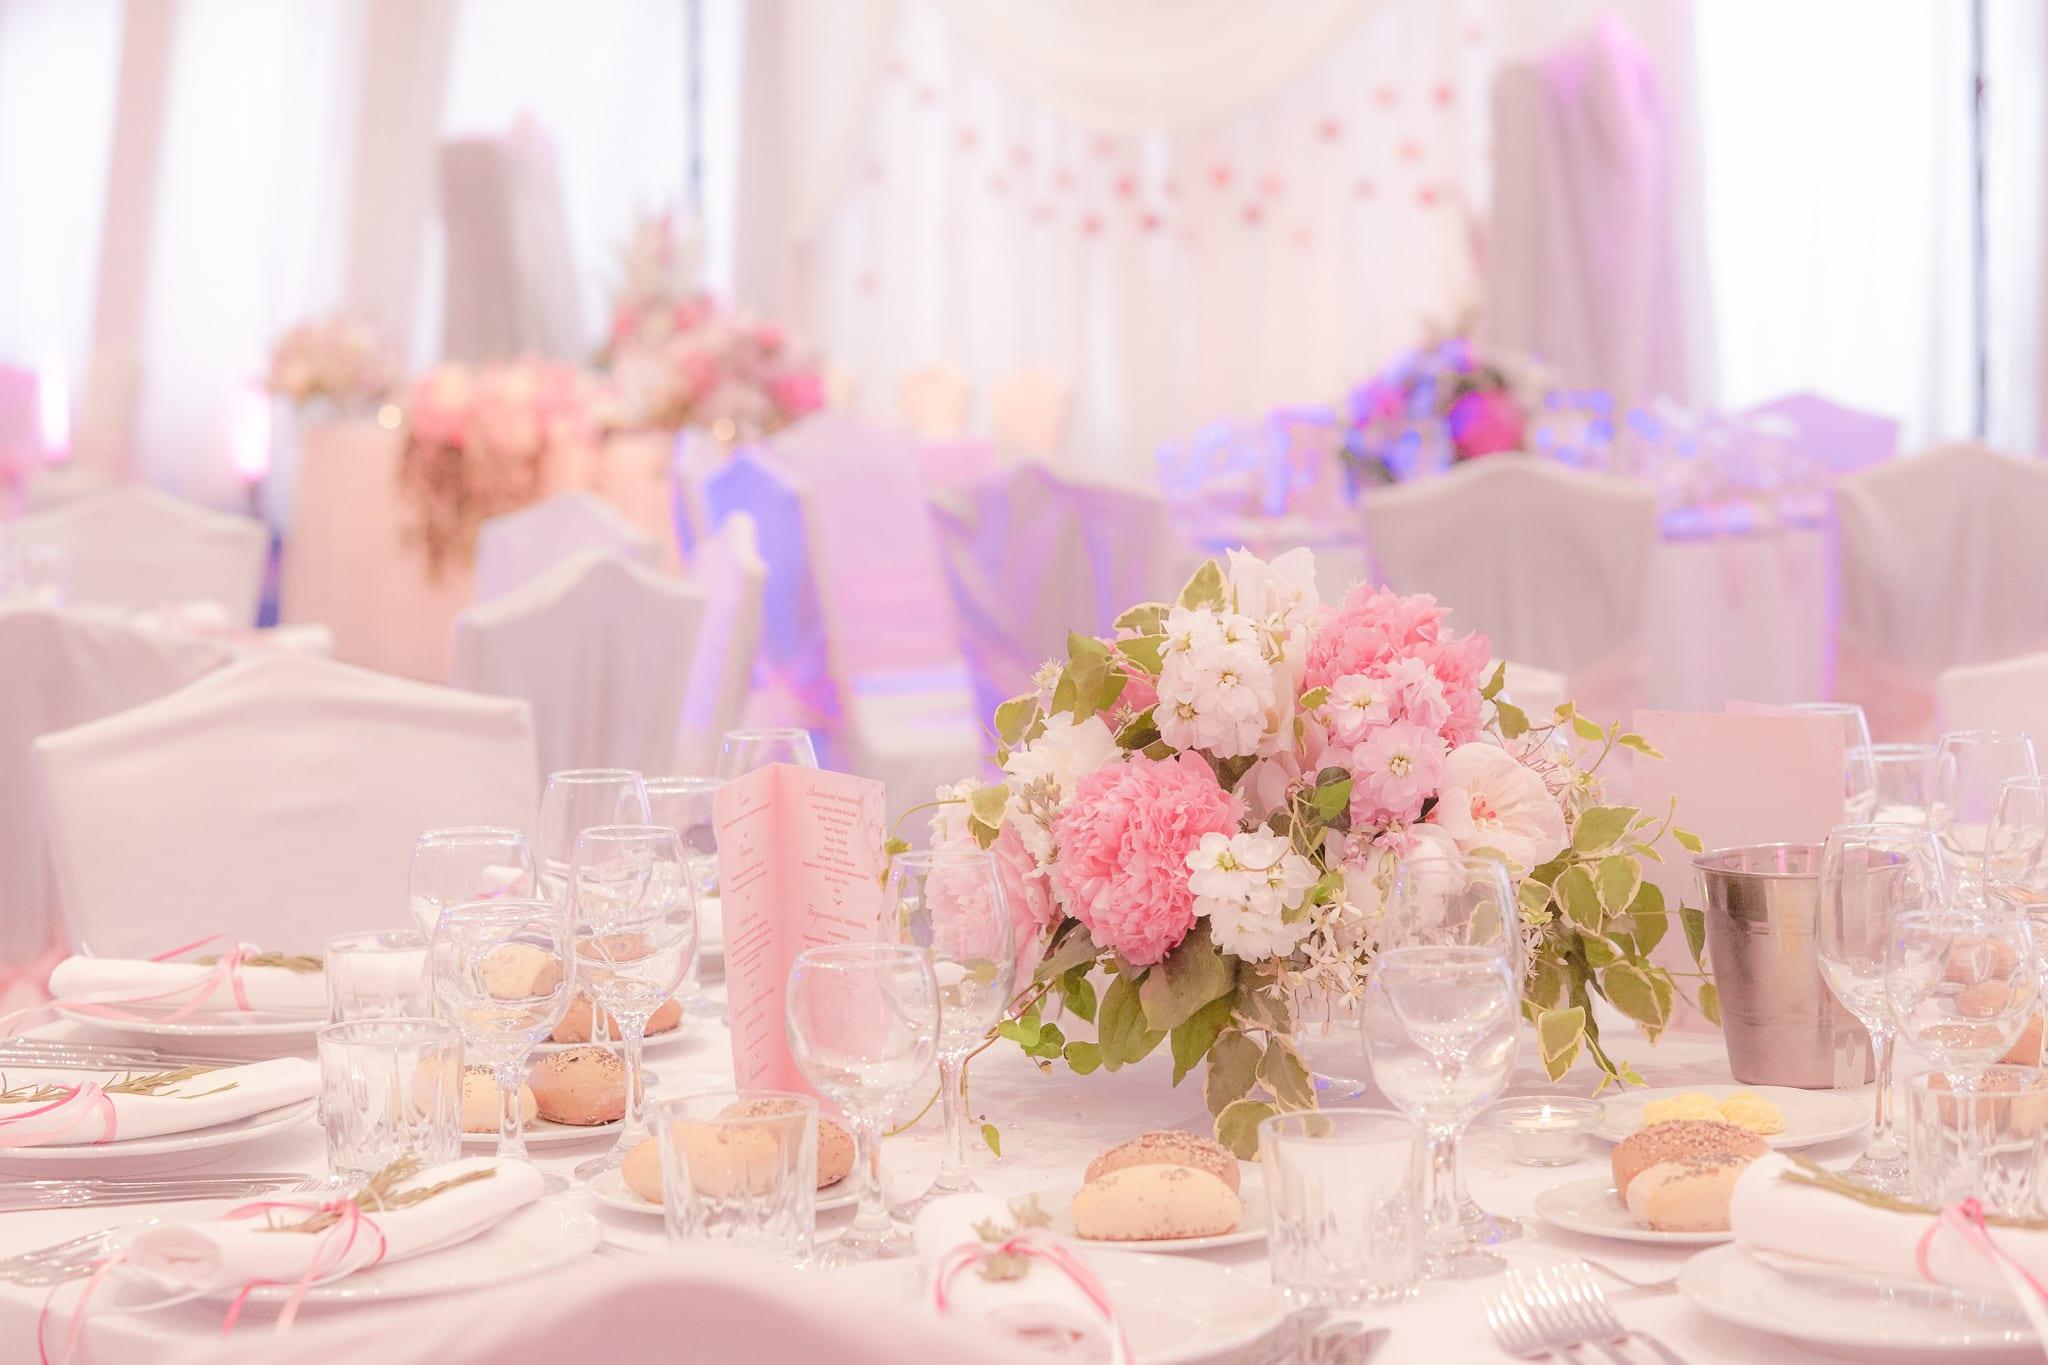 сватба в розово, сватба в София, луксозна сватбена украса, декорация на сватбена агенция Приказен ден, сватбен агент Мариела Уилсън